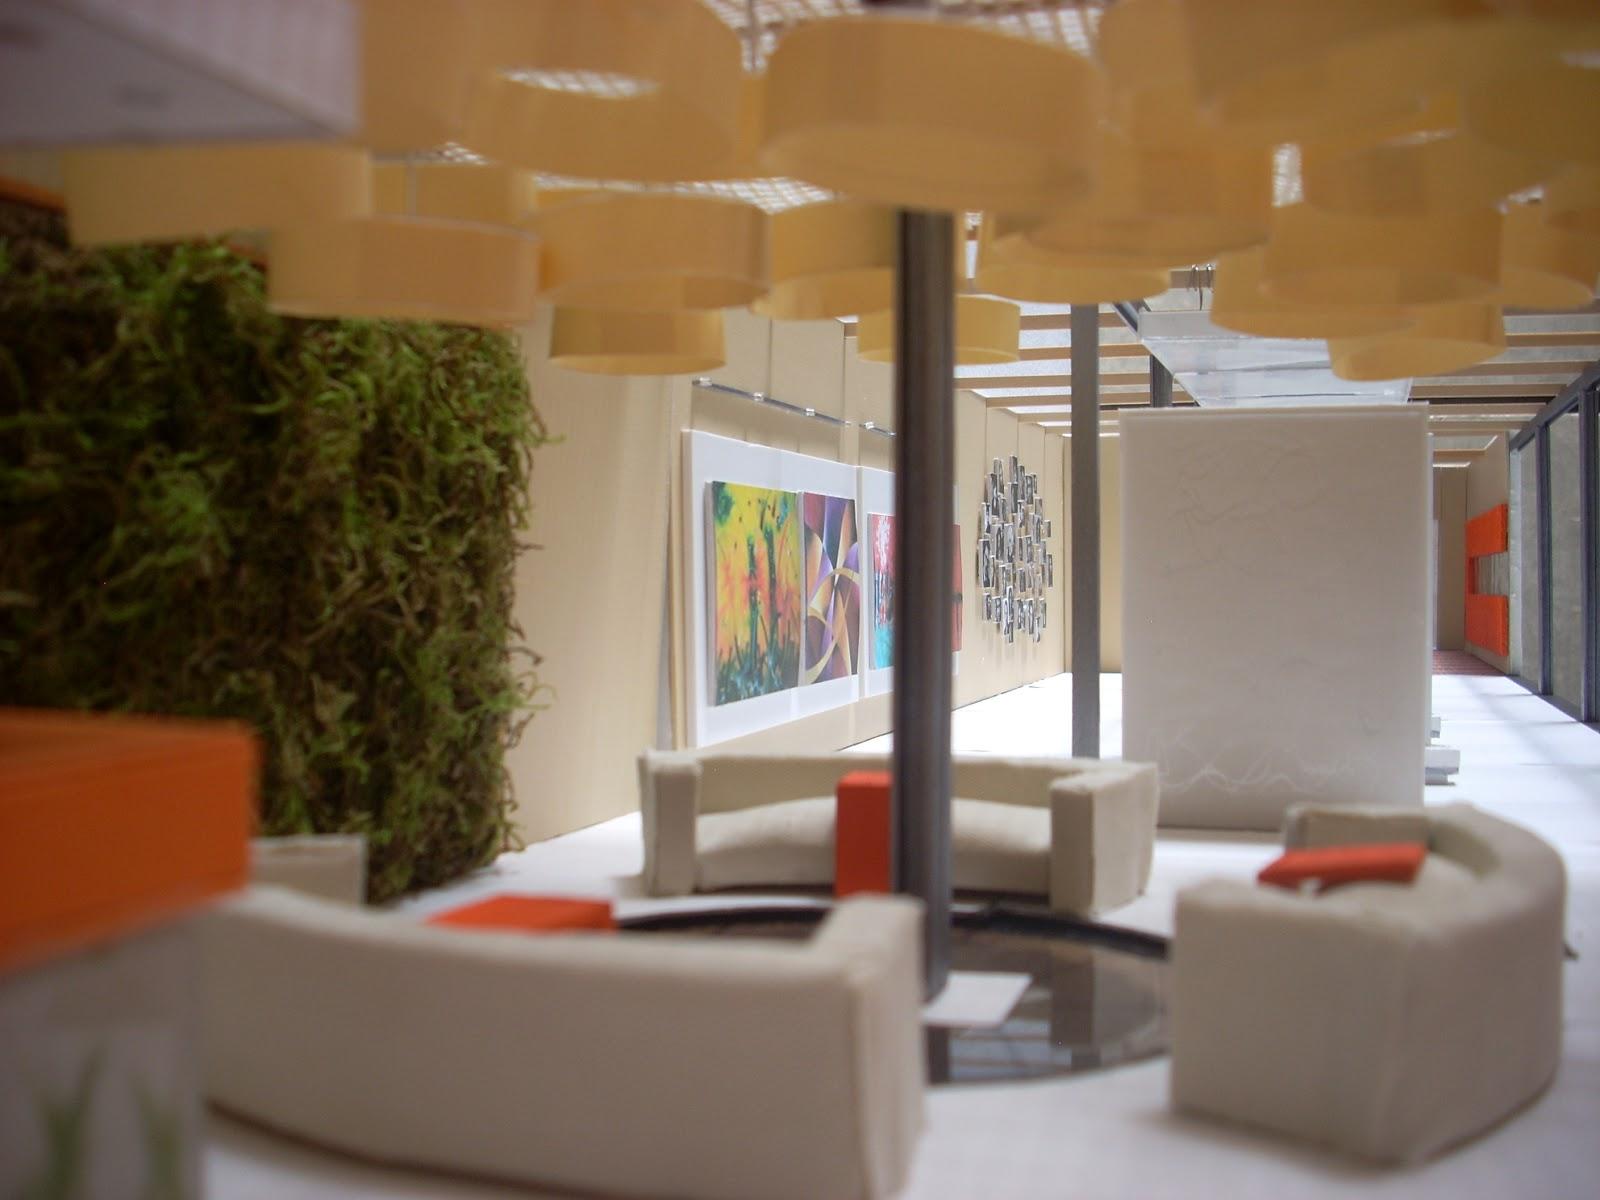 Facultad de arquitectura dise o arte y urbanismo - Trabajo de diseno de interiores ...